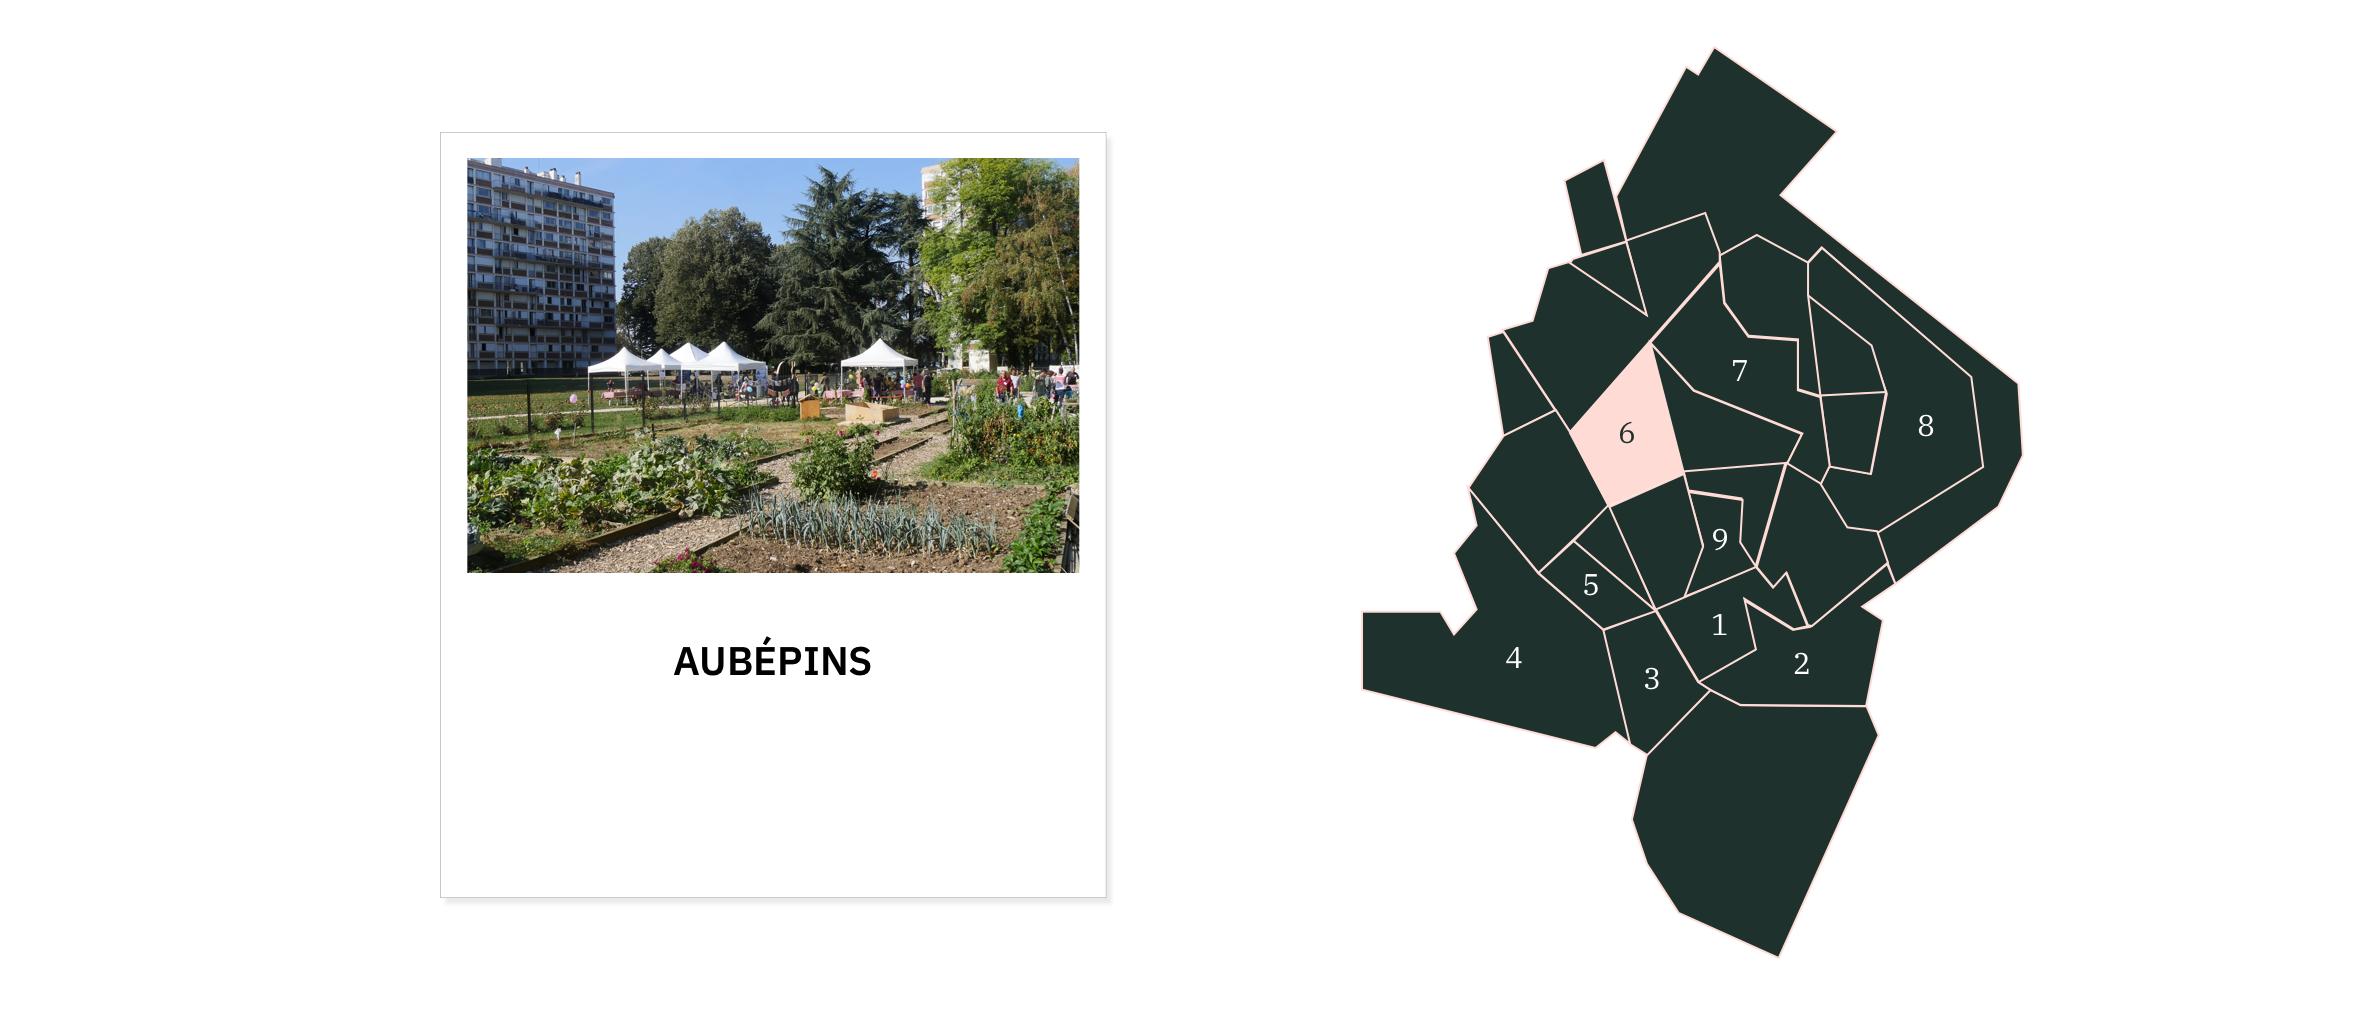 Les Aubépins ⎮ Quartiers de Chalon-sur-Saône